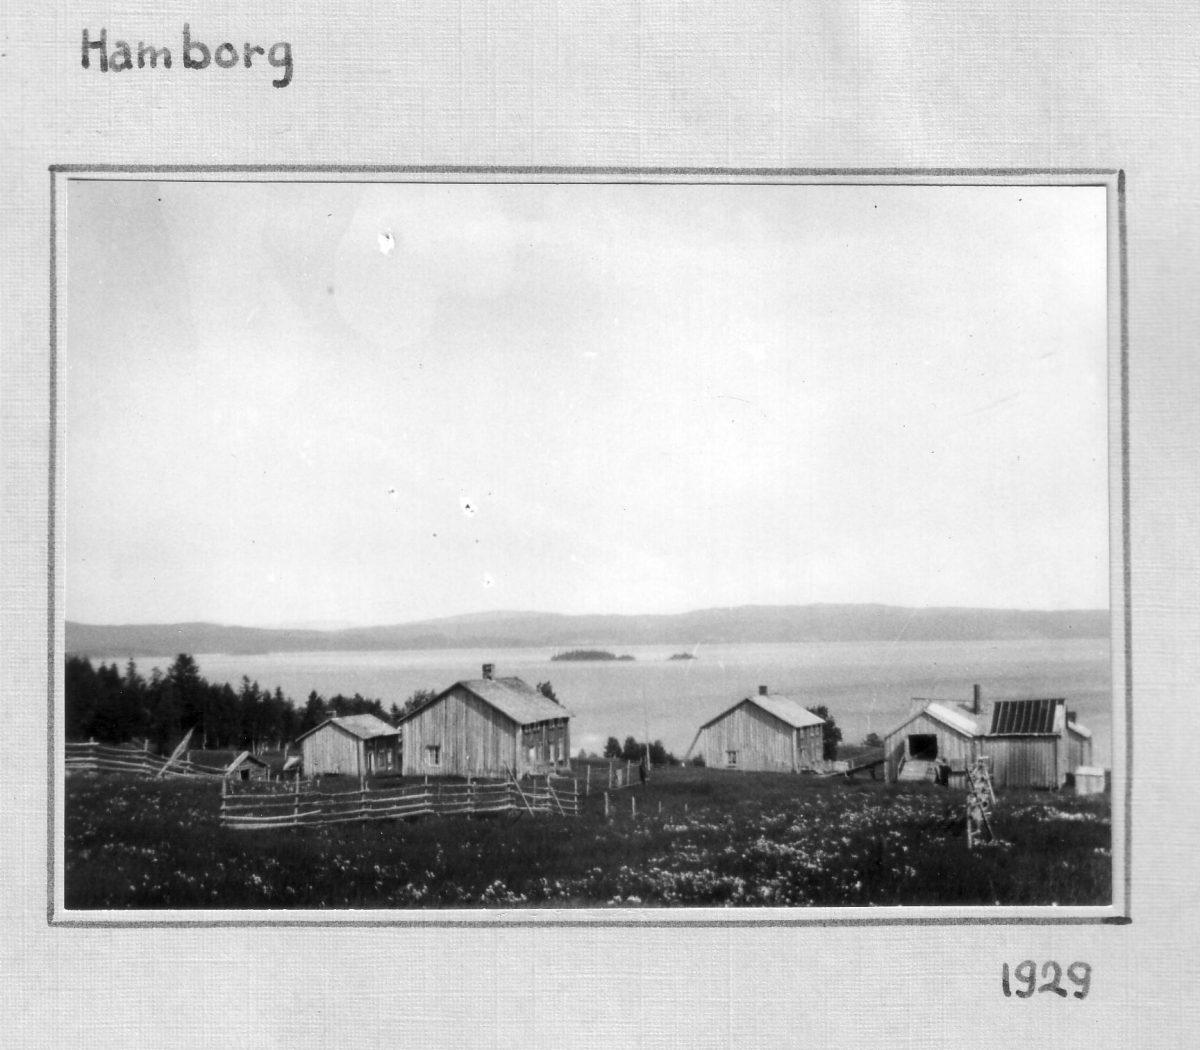 S.62 Hamborg 1929 Bild 2